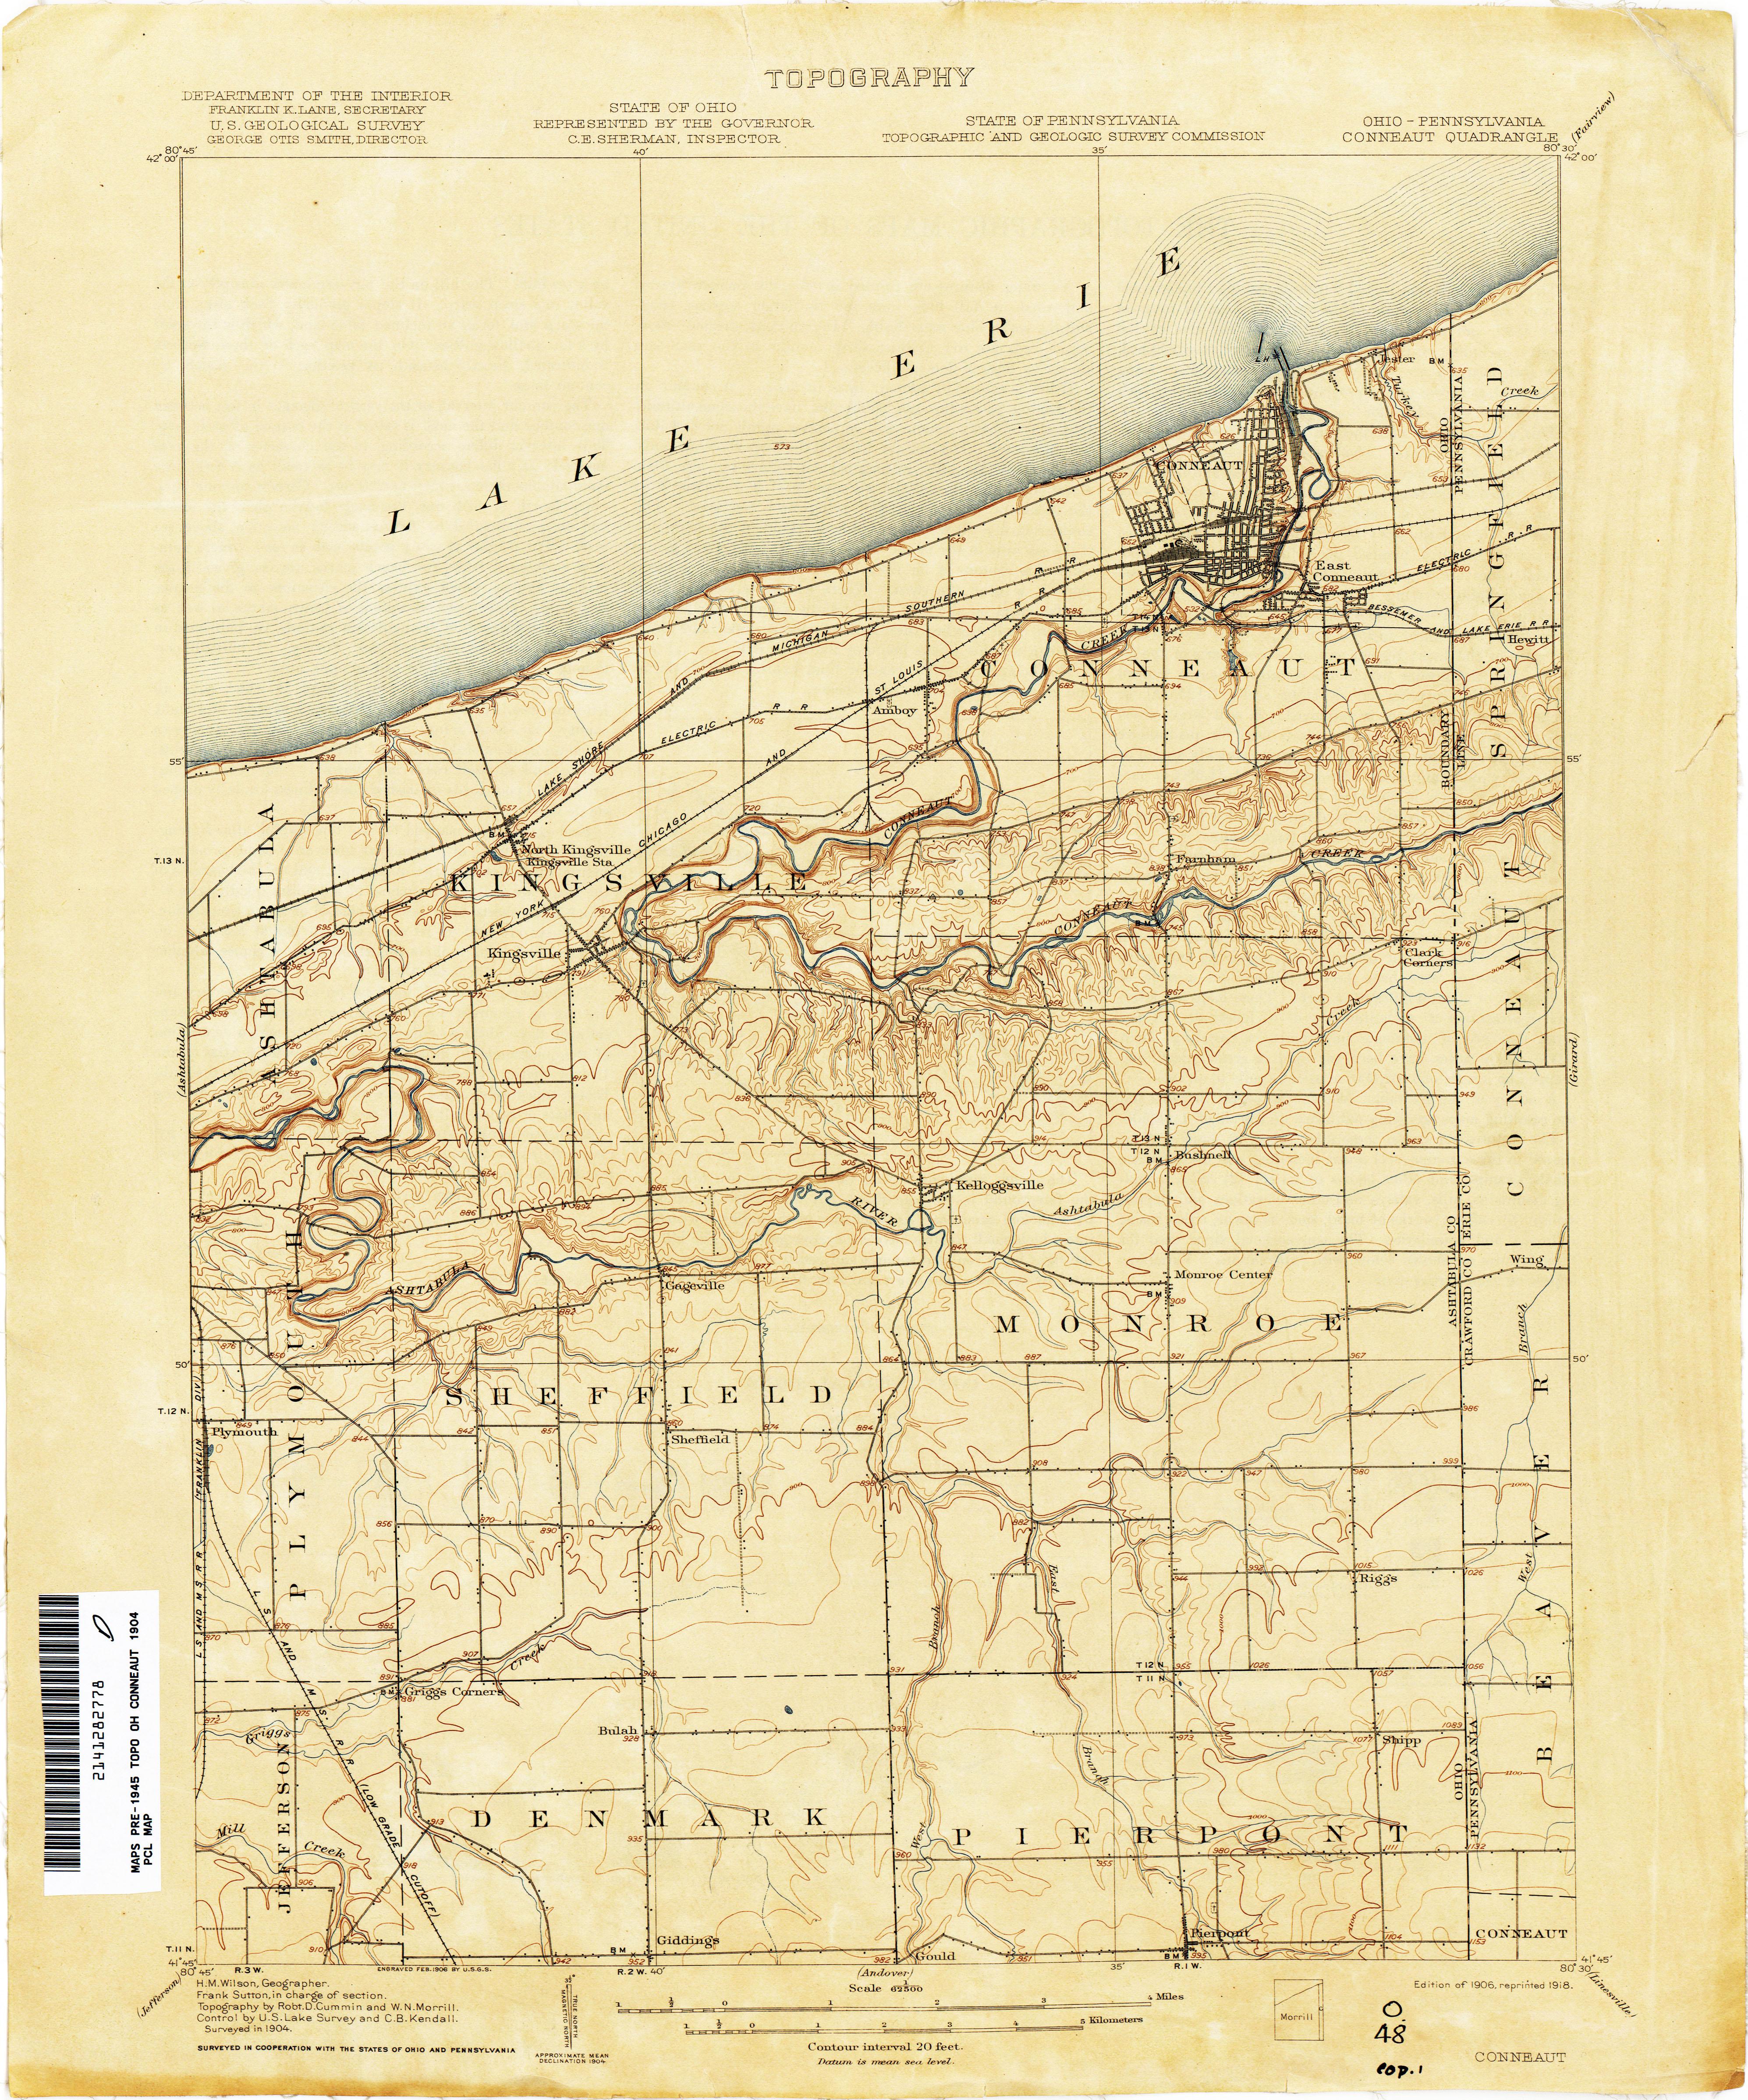 Ohio Historical Topographic Maps